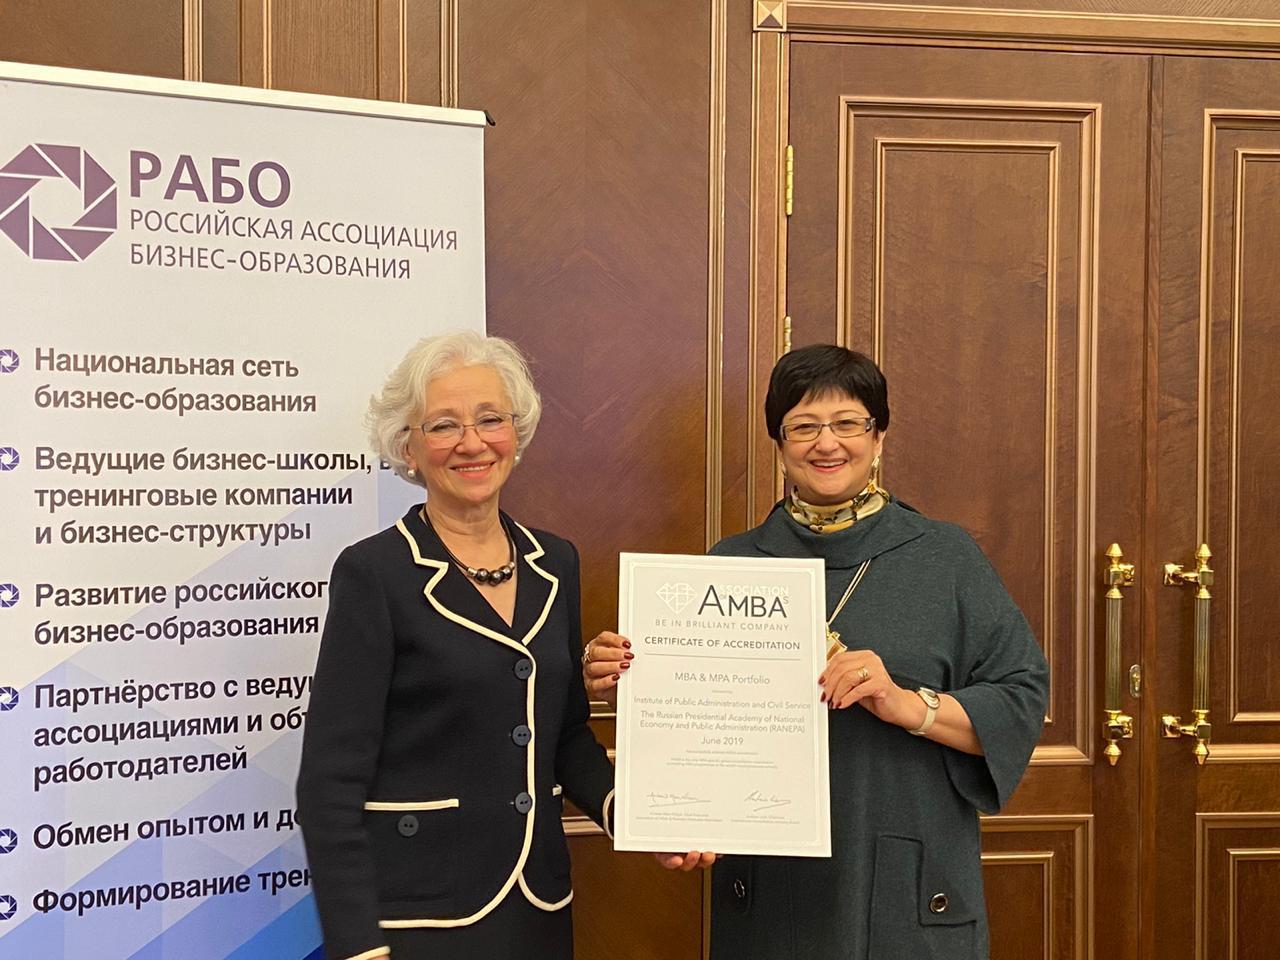 Заседание совета РАБО-2020 фото 16